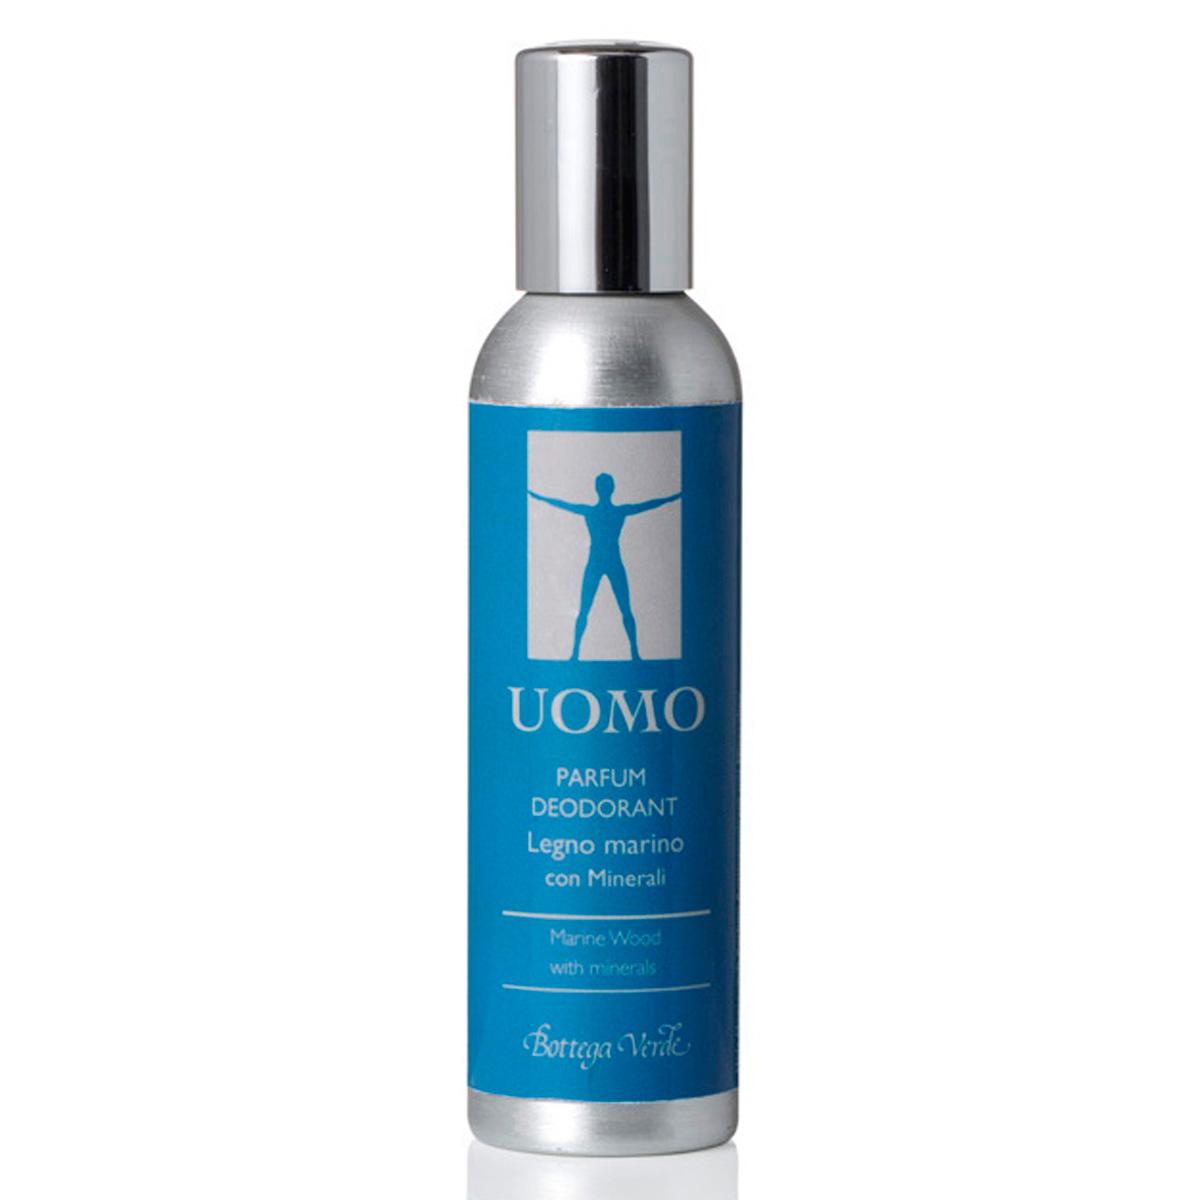 UOMO - Lemn marin - Parfum deodorant cu Minerale